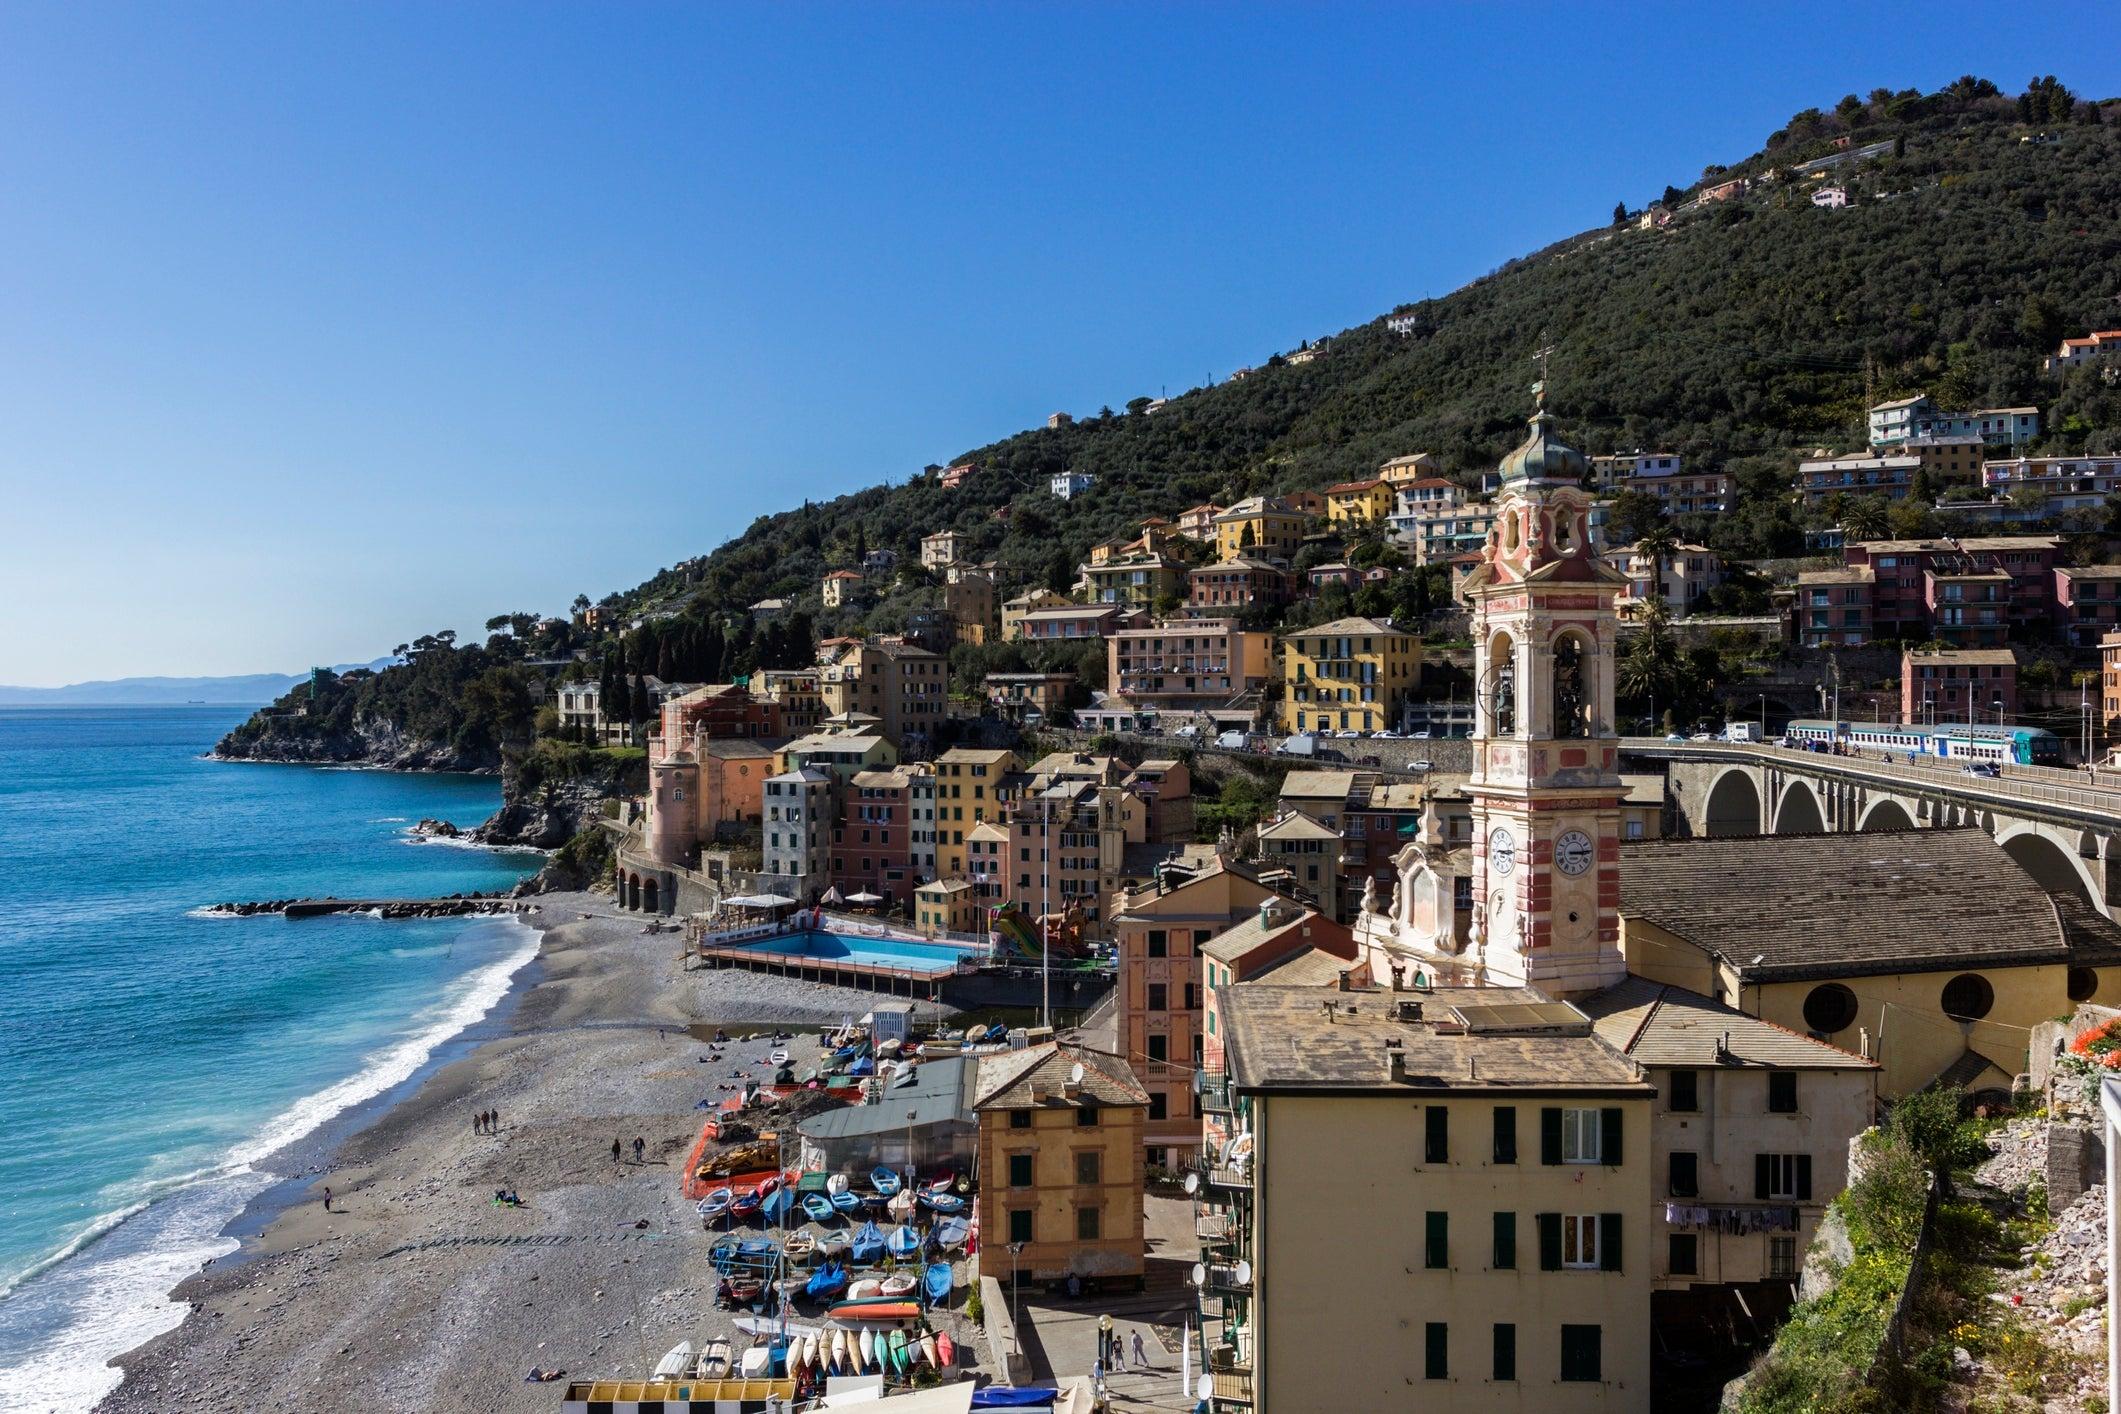 Golfo Paradiso, Italy: A rare unspoiled gem on the Italian Riviera